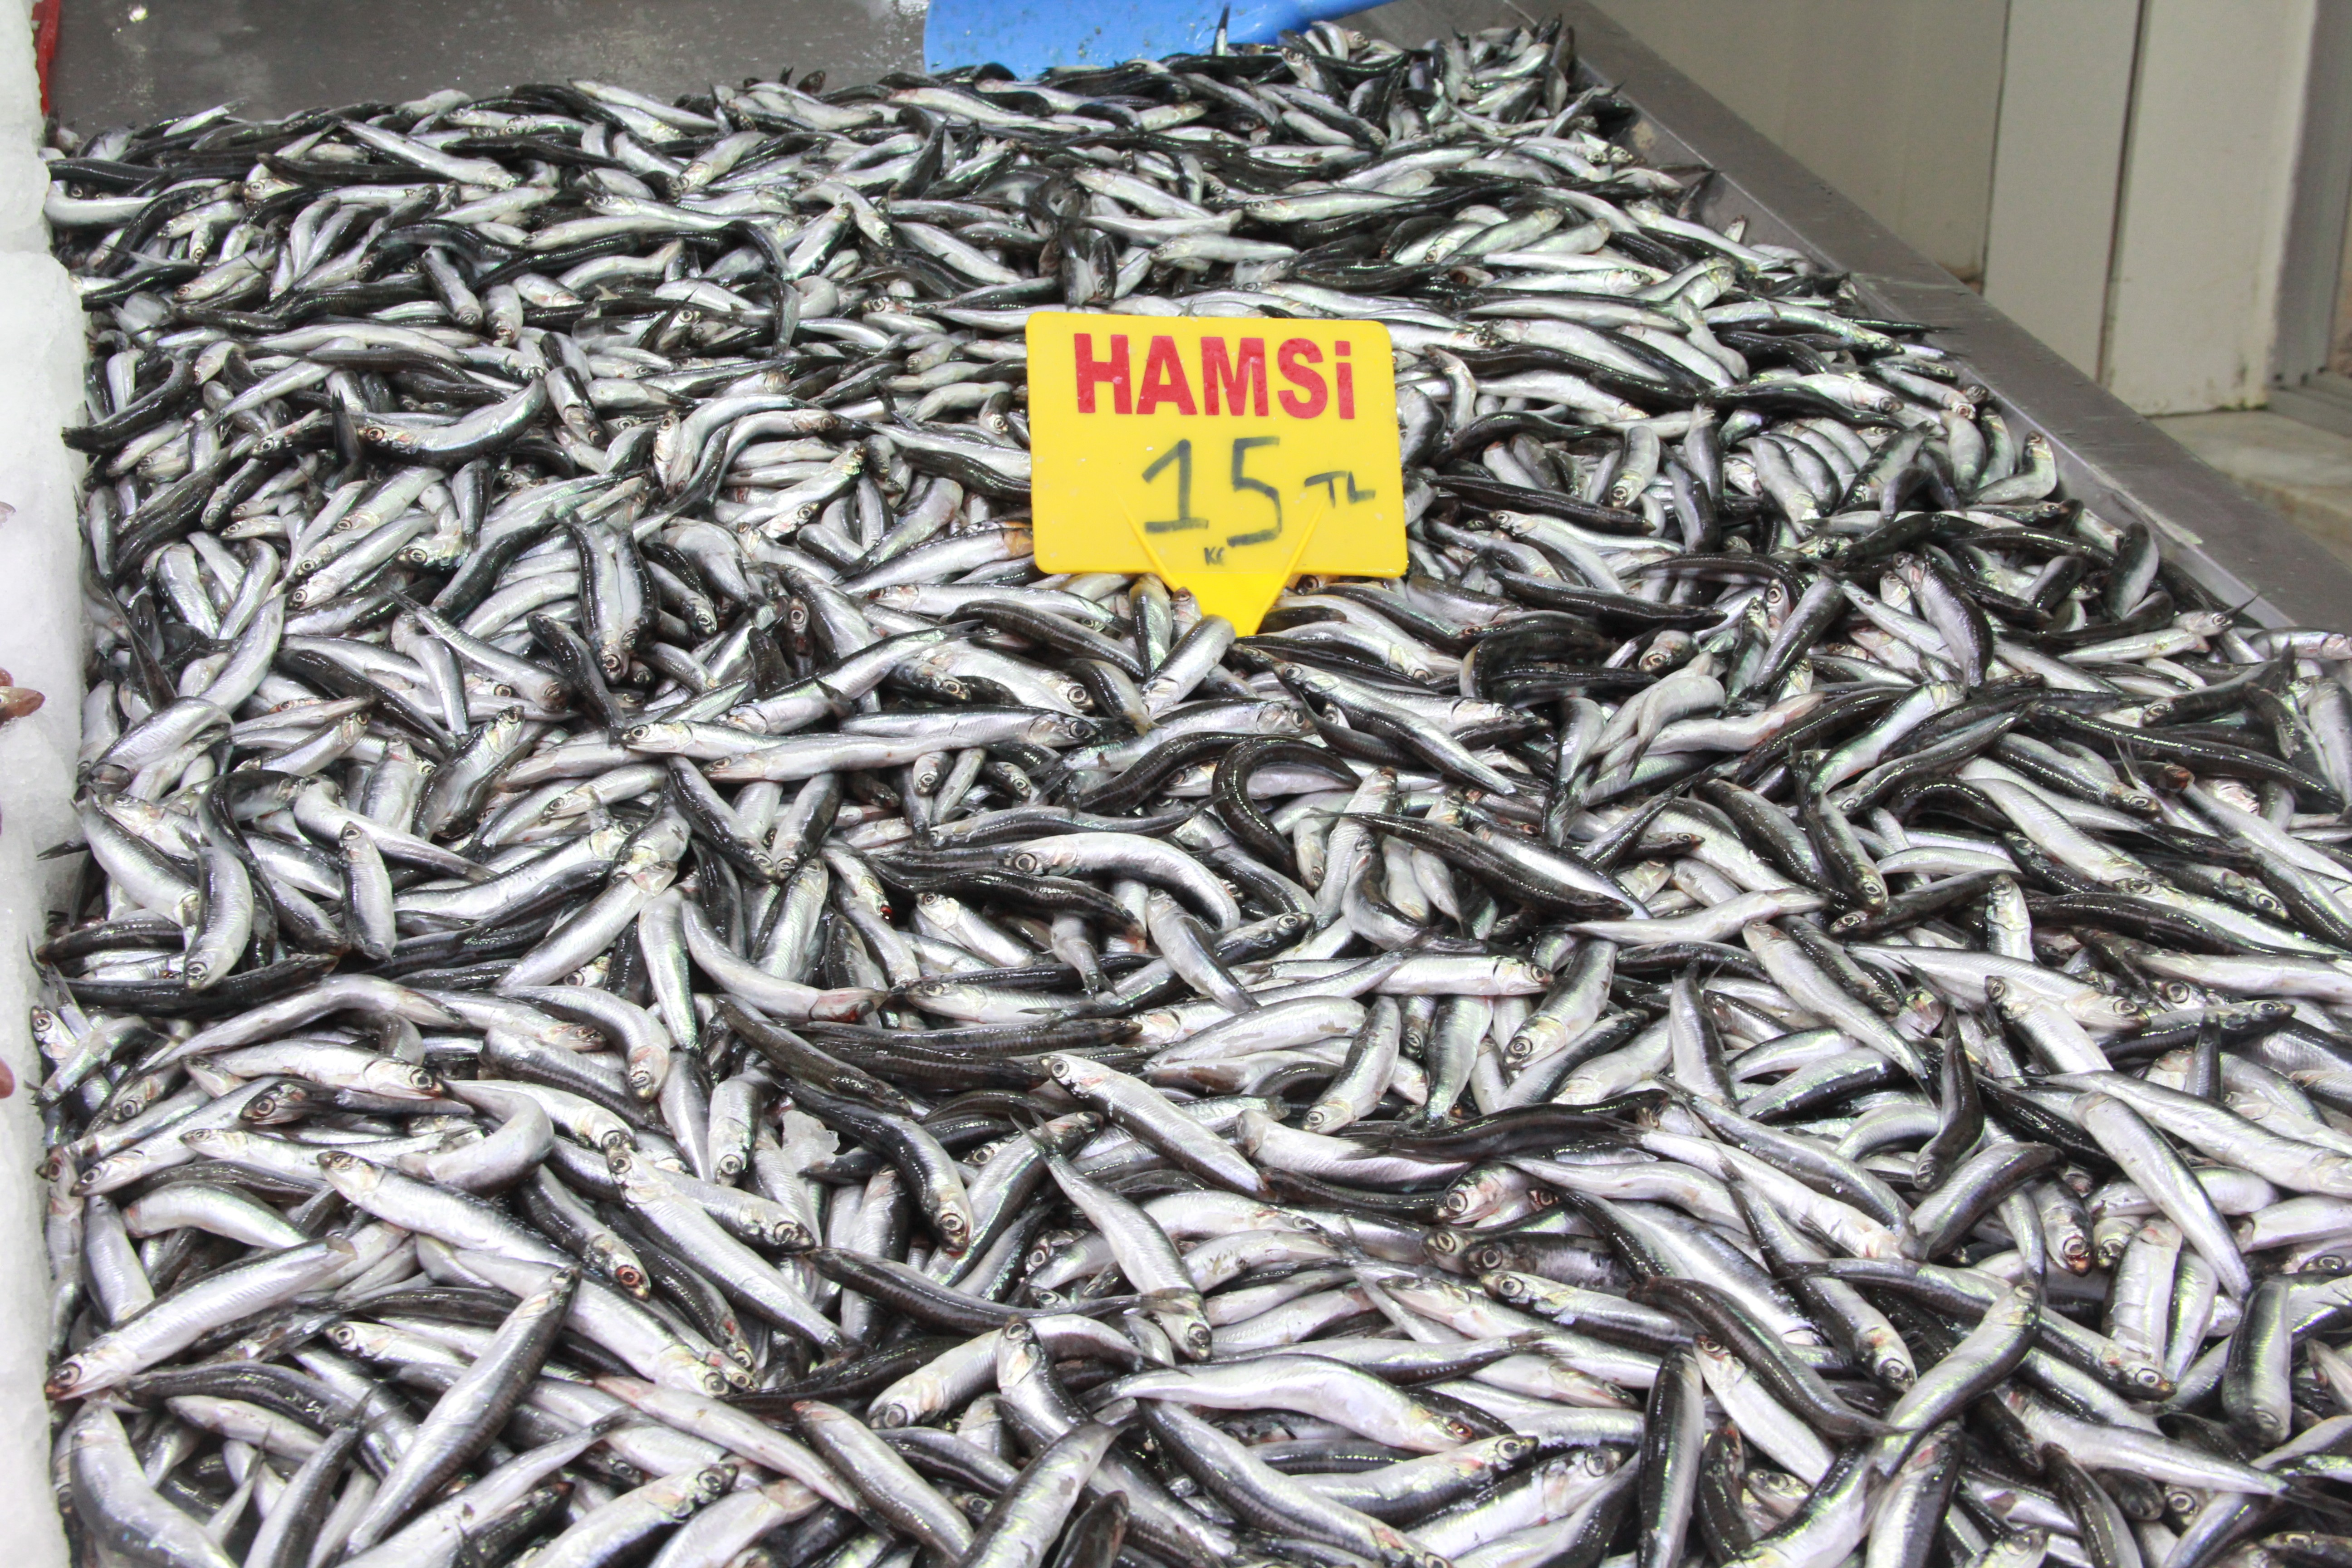 """<p>Tarım ve Orman Bakanlığı tarafından Karadeniz'de avlanan hamsi balıklarında yasal avlanabilir boy uzunluğunun altındakilerin oranının artması nedeniyle hamsi avına getirilen 10 günlük yasağın ilk gününde Sinop'ta fiyatlar etkilenmedi.<br /><br /></p> <p><strong>Buzhane hamsilerini çıkaracağız</strong></p> <p></p> <p>Hamsi avına getirilen yasak ilk gün tezgahlara yansımadı. Ancak ilerleyen günlerde bir artış olabilir. Balık satıcısı Ahmet Gür, """"Fiyatlar ilk günde etkilenmedi. Hamsiyi kilosu 15 TL'den satmaya devam ediyoruz. Ama bundan sonra yükselebilir. Buzhane hamsilerini çıkaracağız artık. Başka çaresi yok. Bakanlığın verdiği yasağa uymak durumundayız. Bu yasak ilk defa bu dönemde oldu. Zargana 30 TL, mezgit 25 TL, barbun 35 TL, hamsi 15 TL'den satılmaya devam ediyor"""" dedi.</p>"""